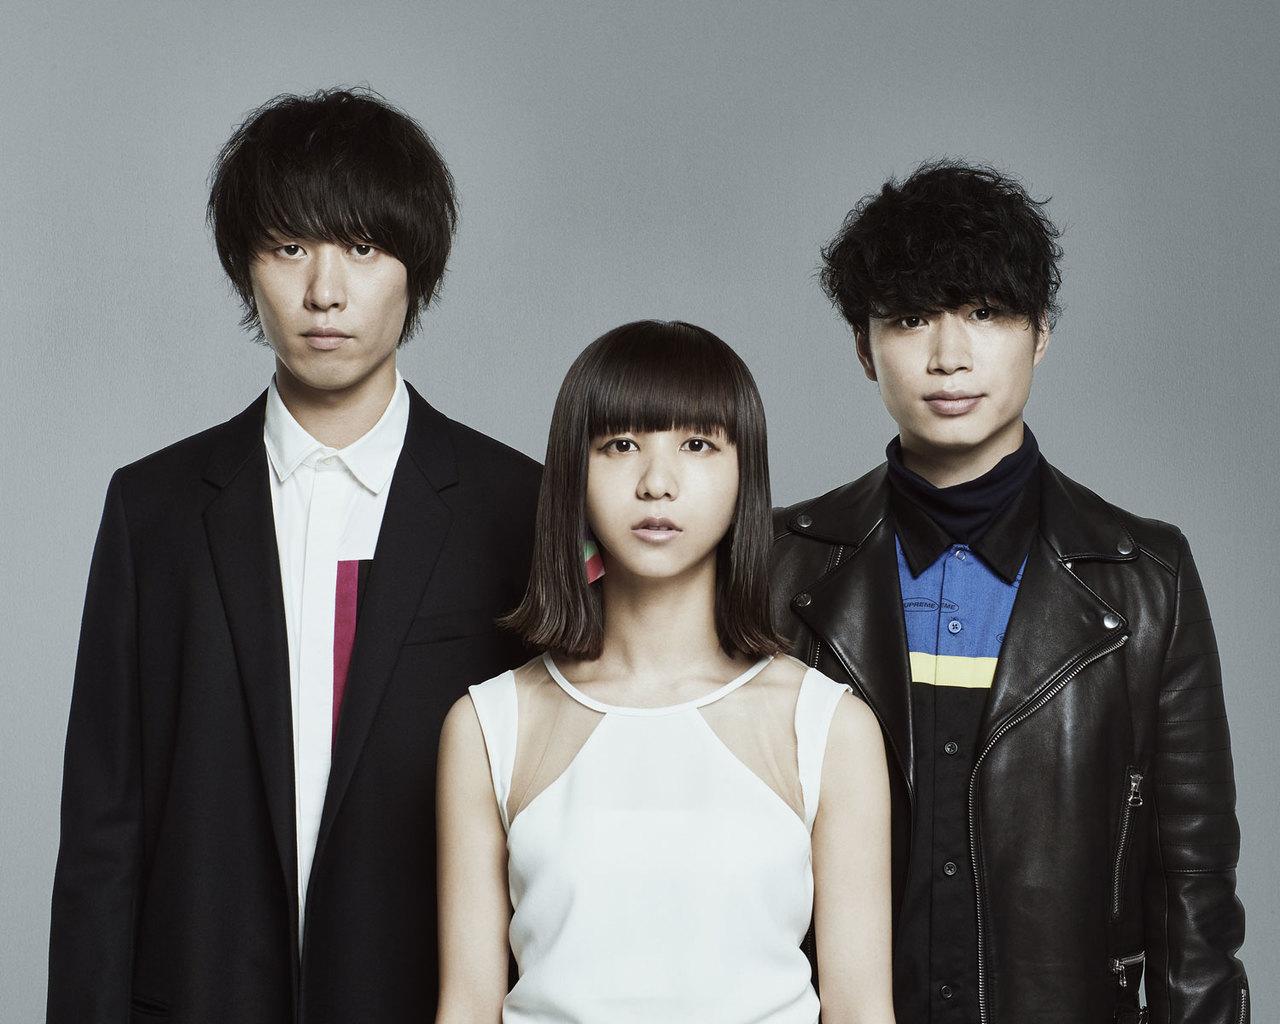 クアイフ、名古屋グランパスオフィシャルサポートソングに3シーズン連続で起用決定!